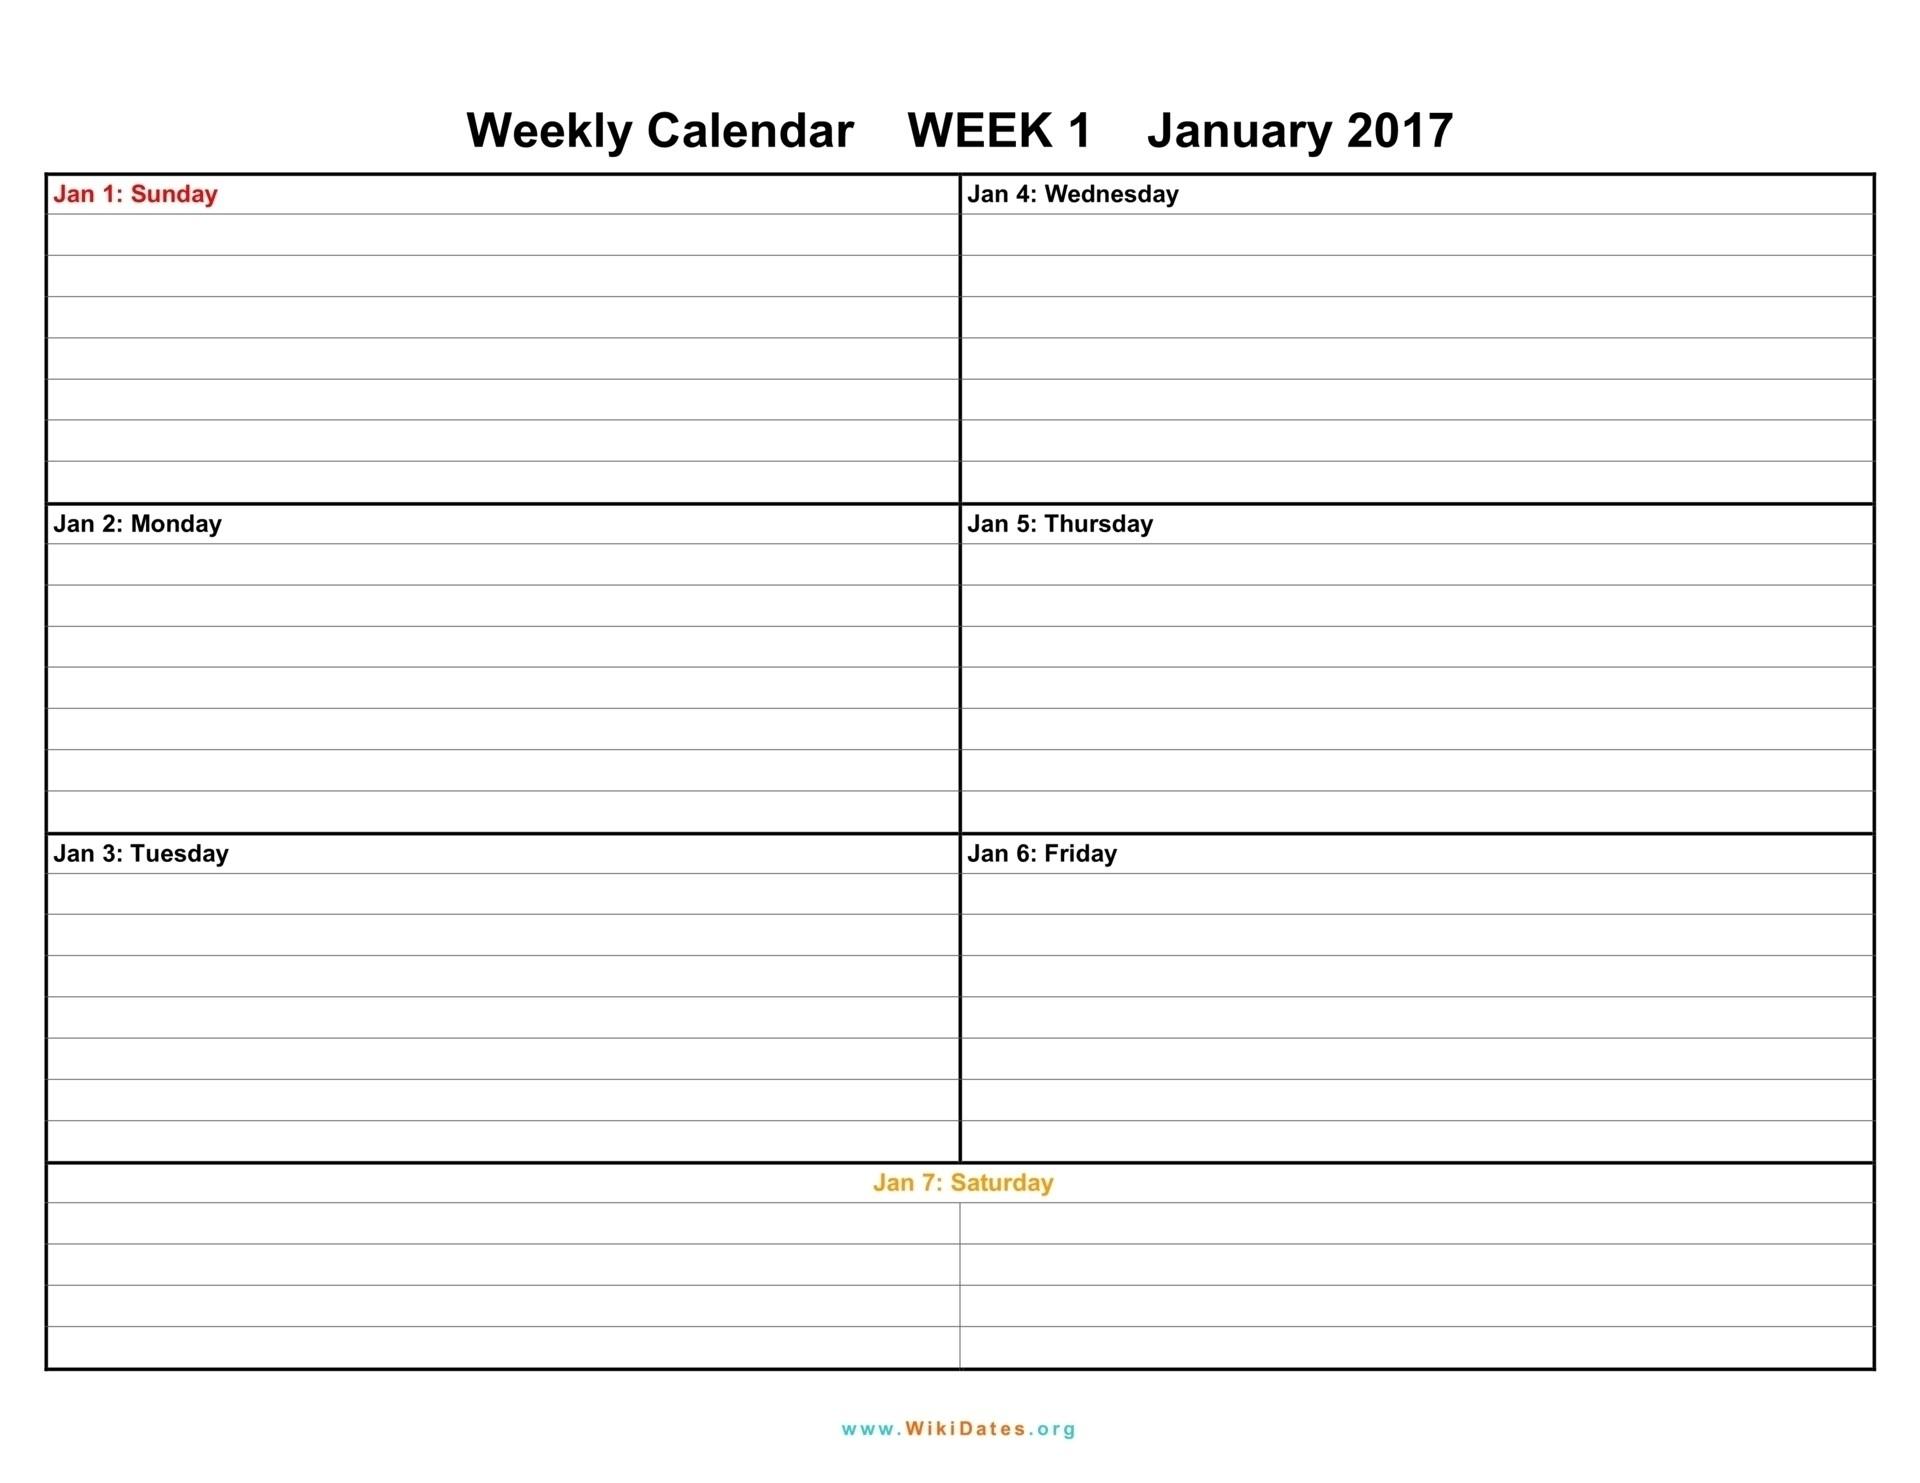 Printable Week Calendar Template Weekly Calendars Print Schedule inside 4 Week Calendar To Print